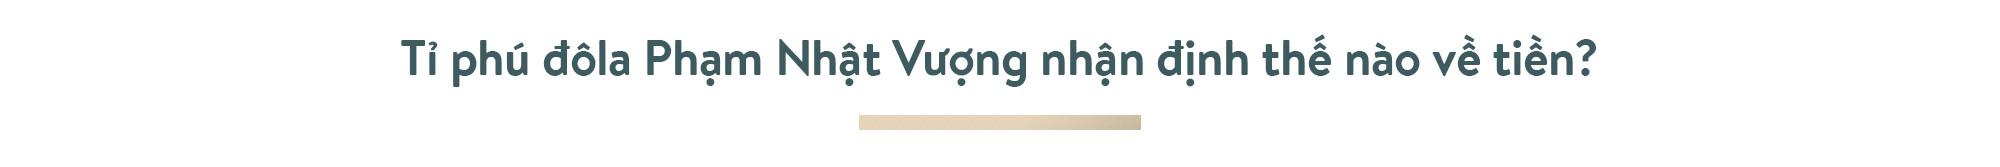 Ông Phạm Nhật Vượng: Thế giới phải biết Việt Nam trí tuệ, đẳng cấp - Ảnh 27.